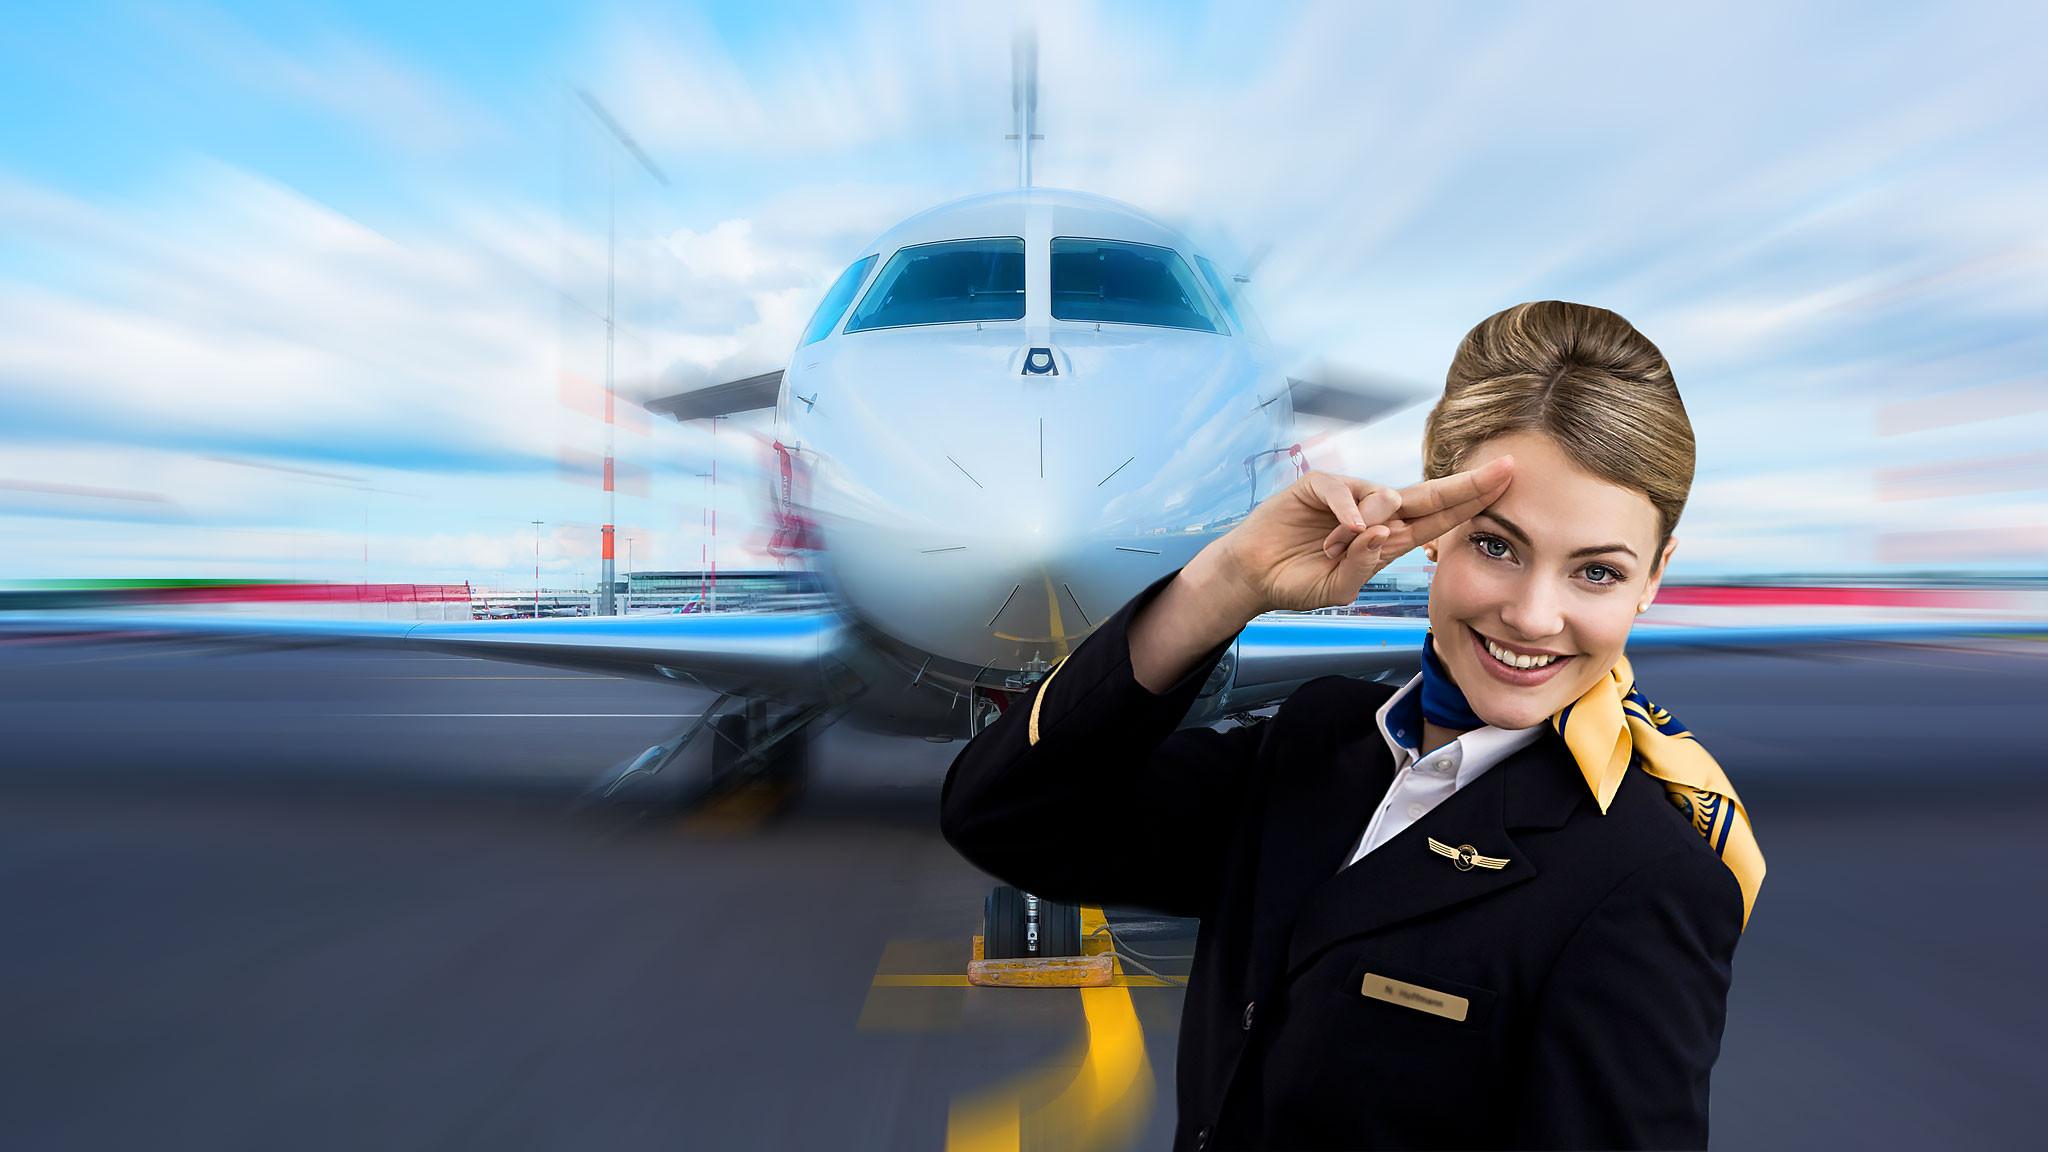 фото стюардессы на фоне тонущего самолета отметила, что набила